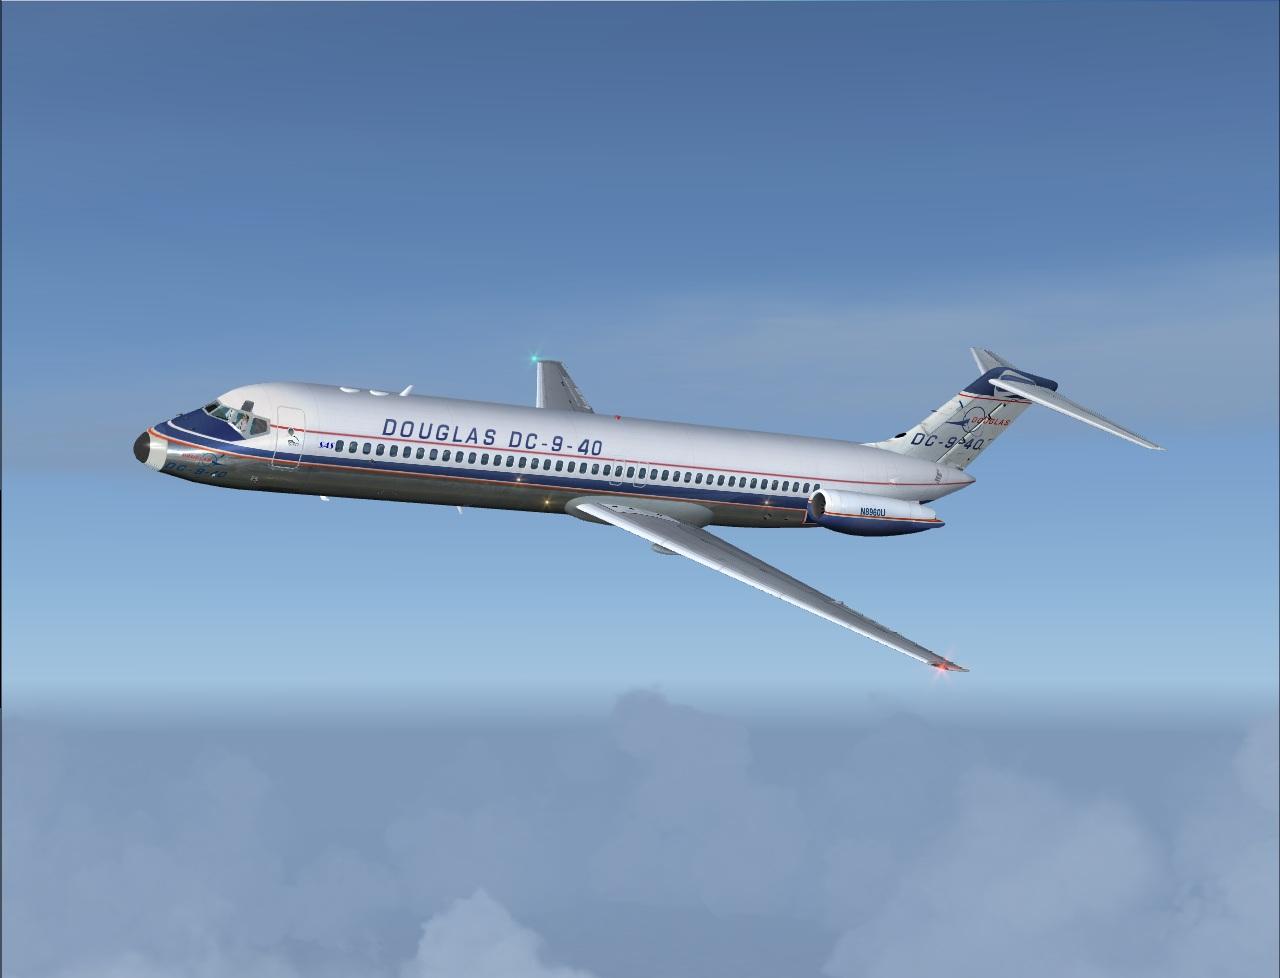 sky simulations website rh skysimulations com